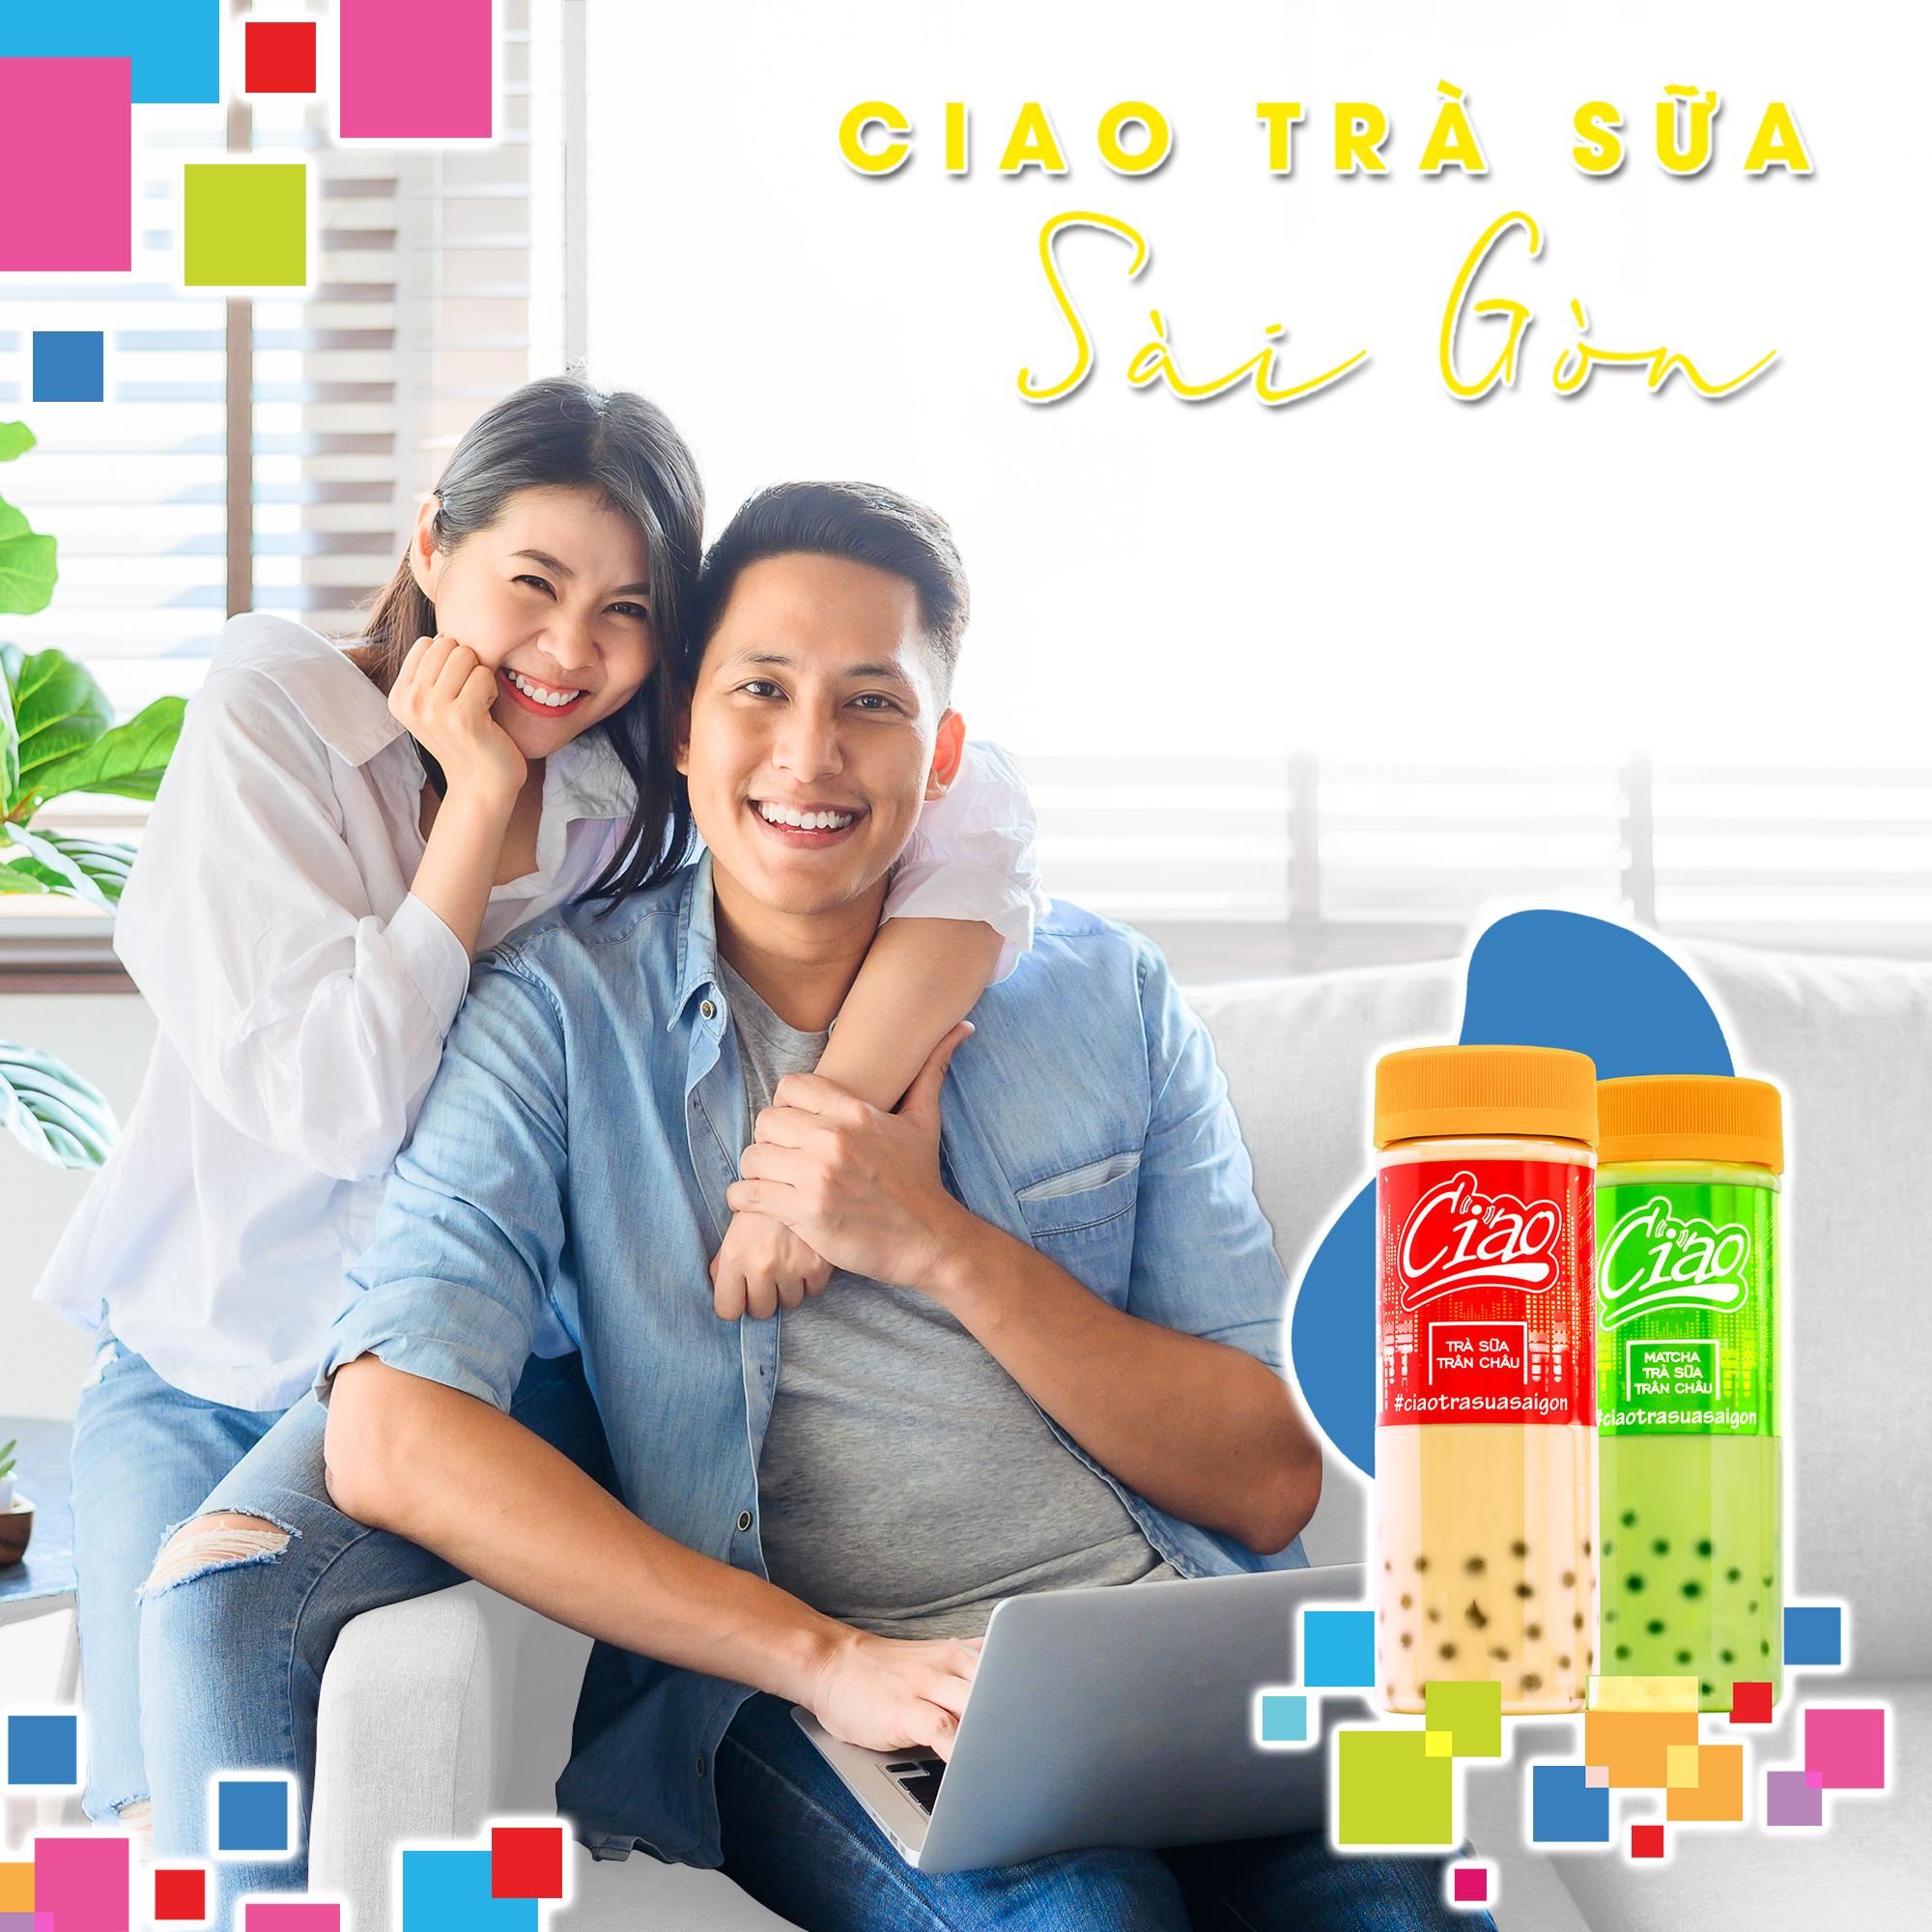 Ciao-Trà-Sữa-Sài-Gòn-03